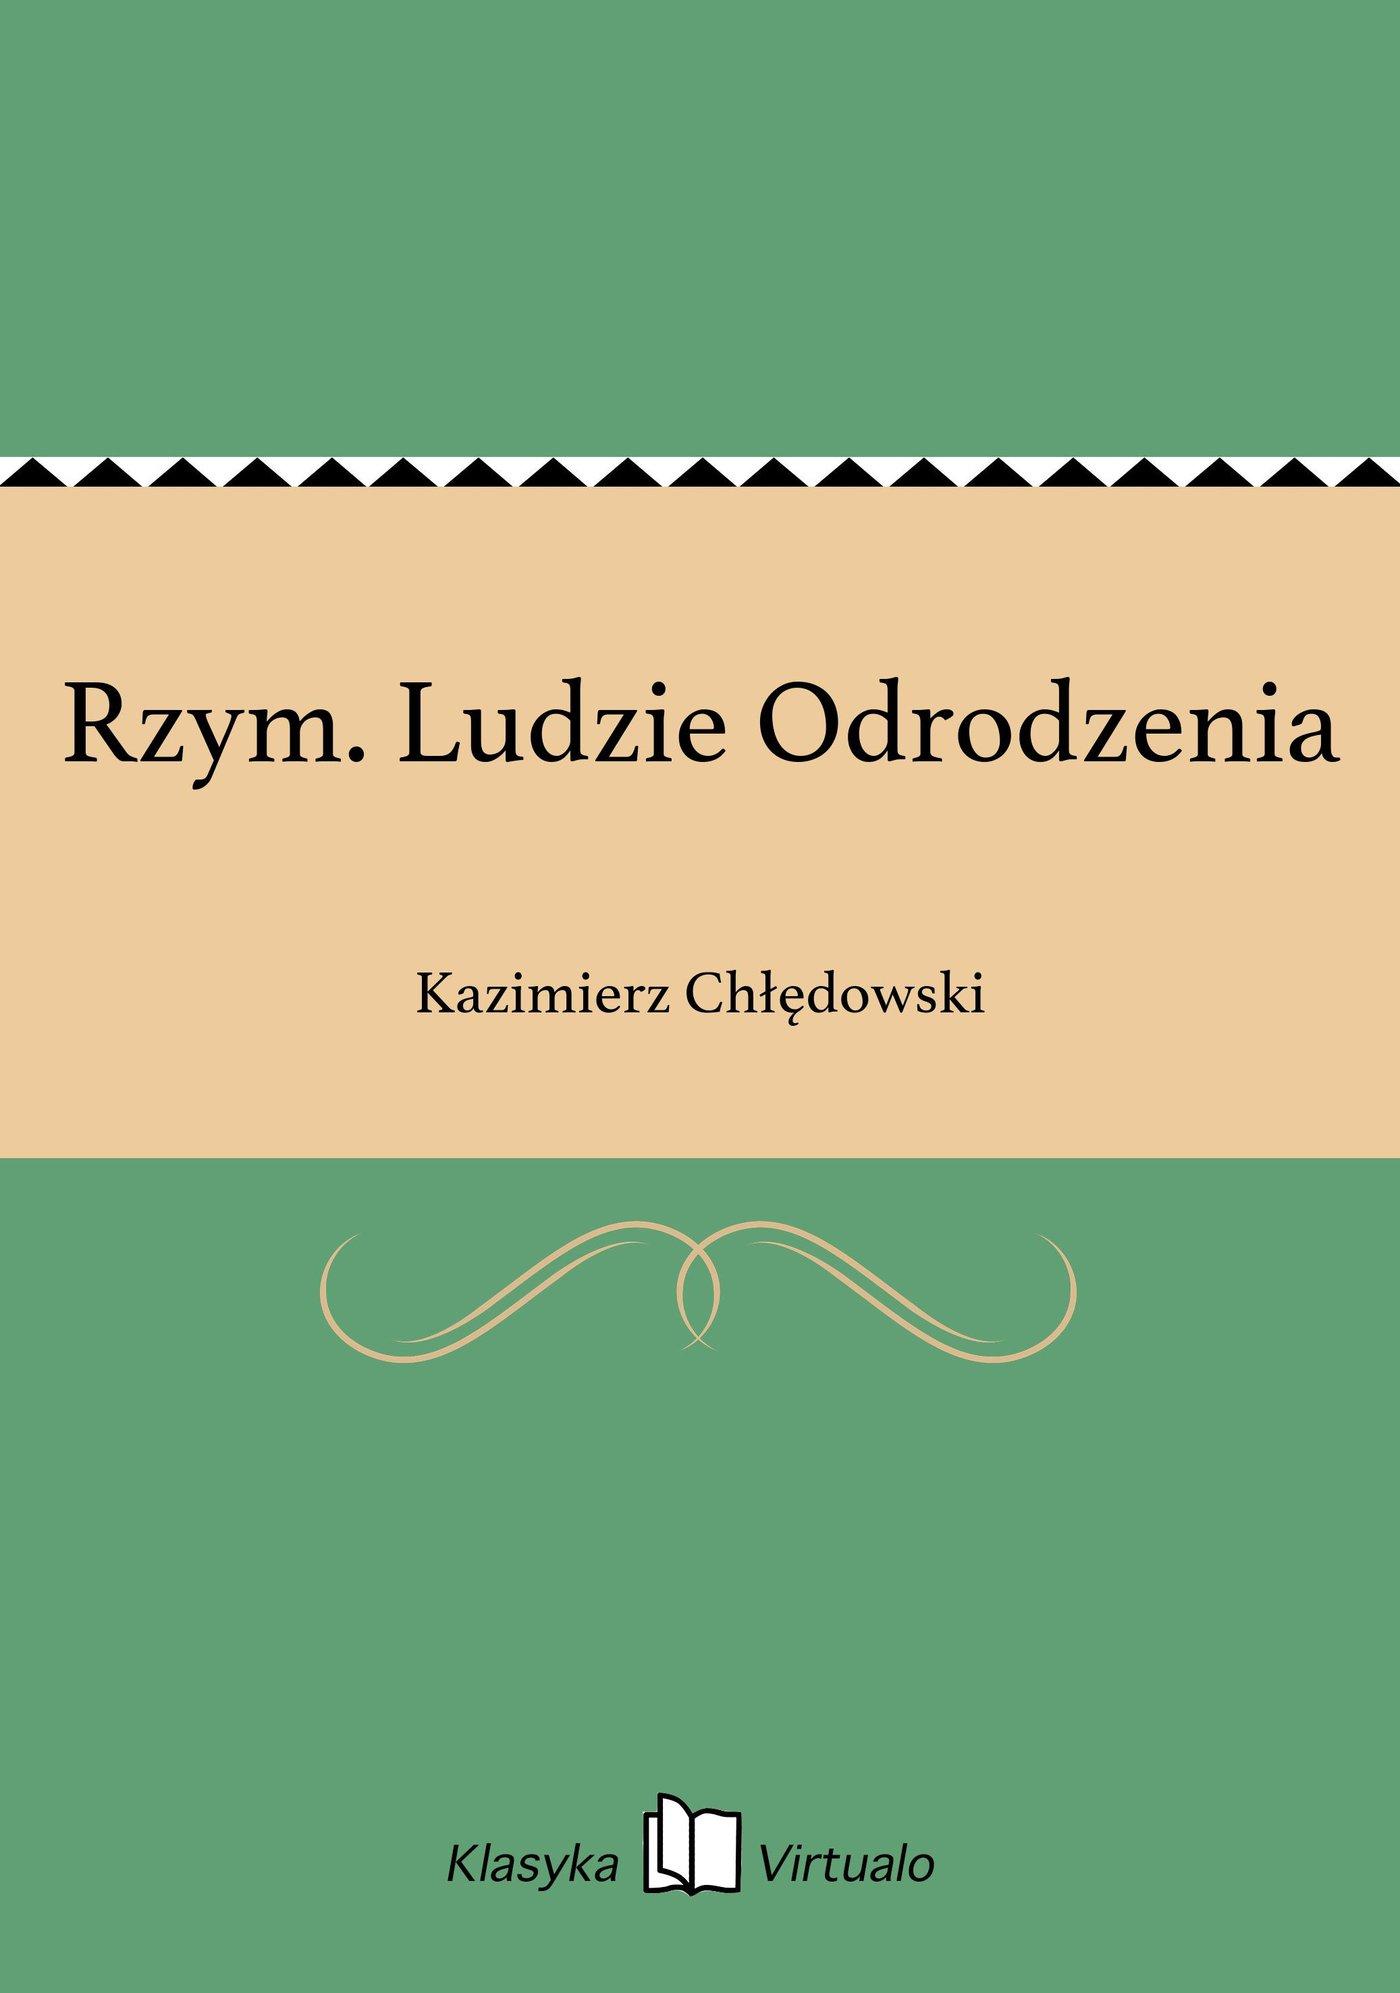 Rzym. Ludzie Odrodzenia - Ebook (Książka na Kindle) do pobrania w formacie MOBI